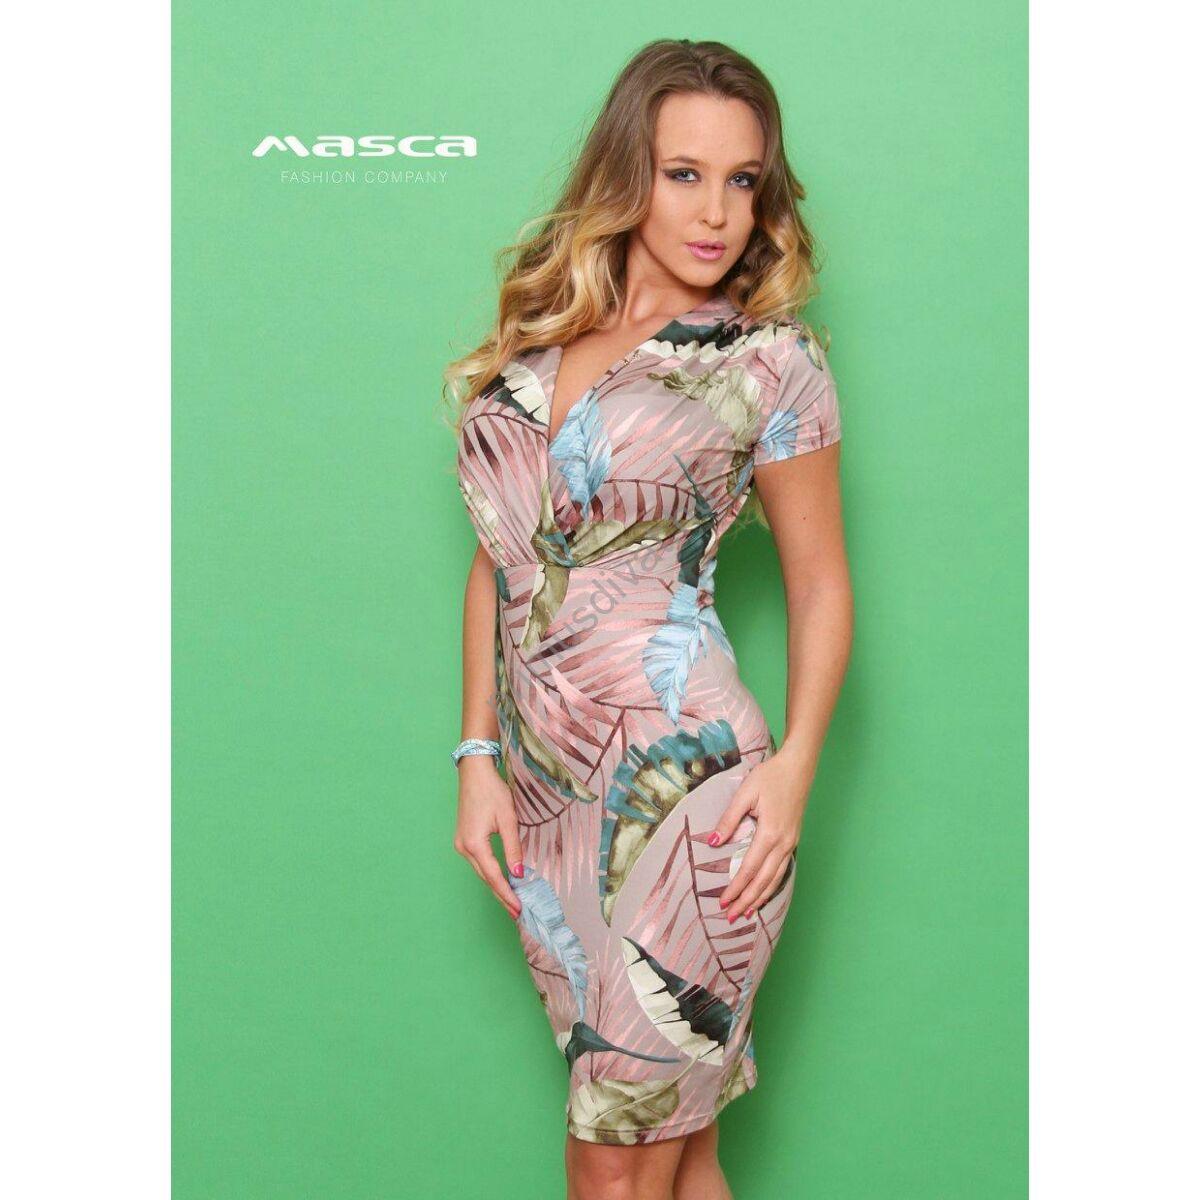 Masca Fashion átlapolt levélmintás mályva színű rövid ujjú ruha 03bc5e0e4e